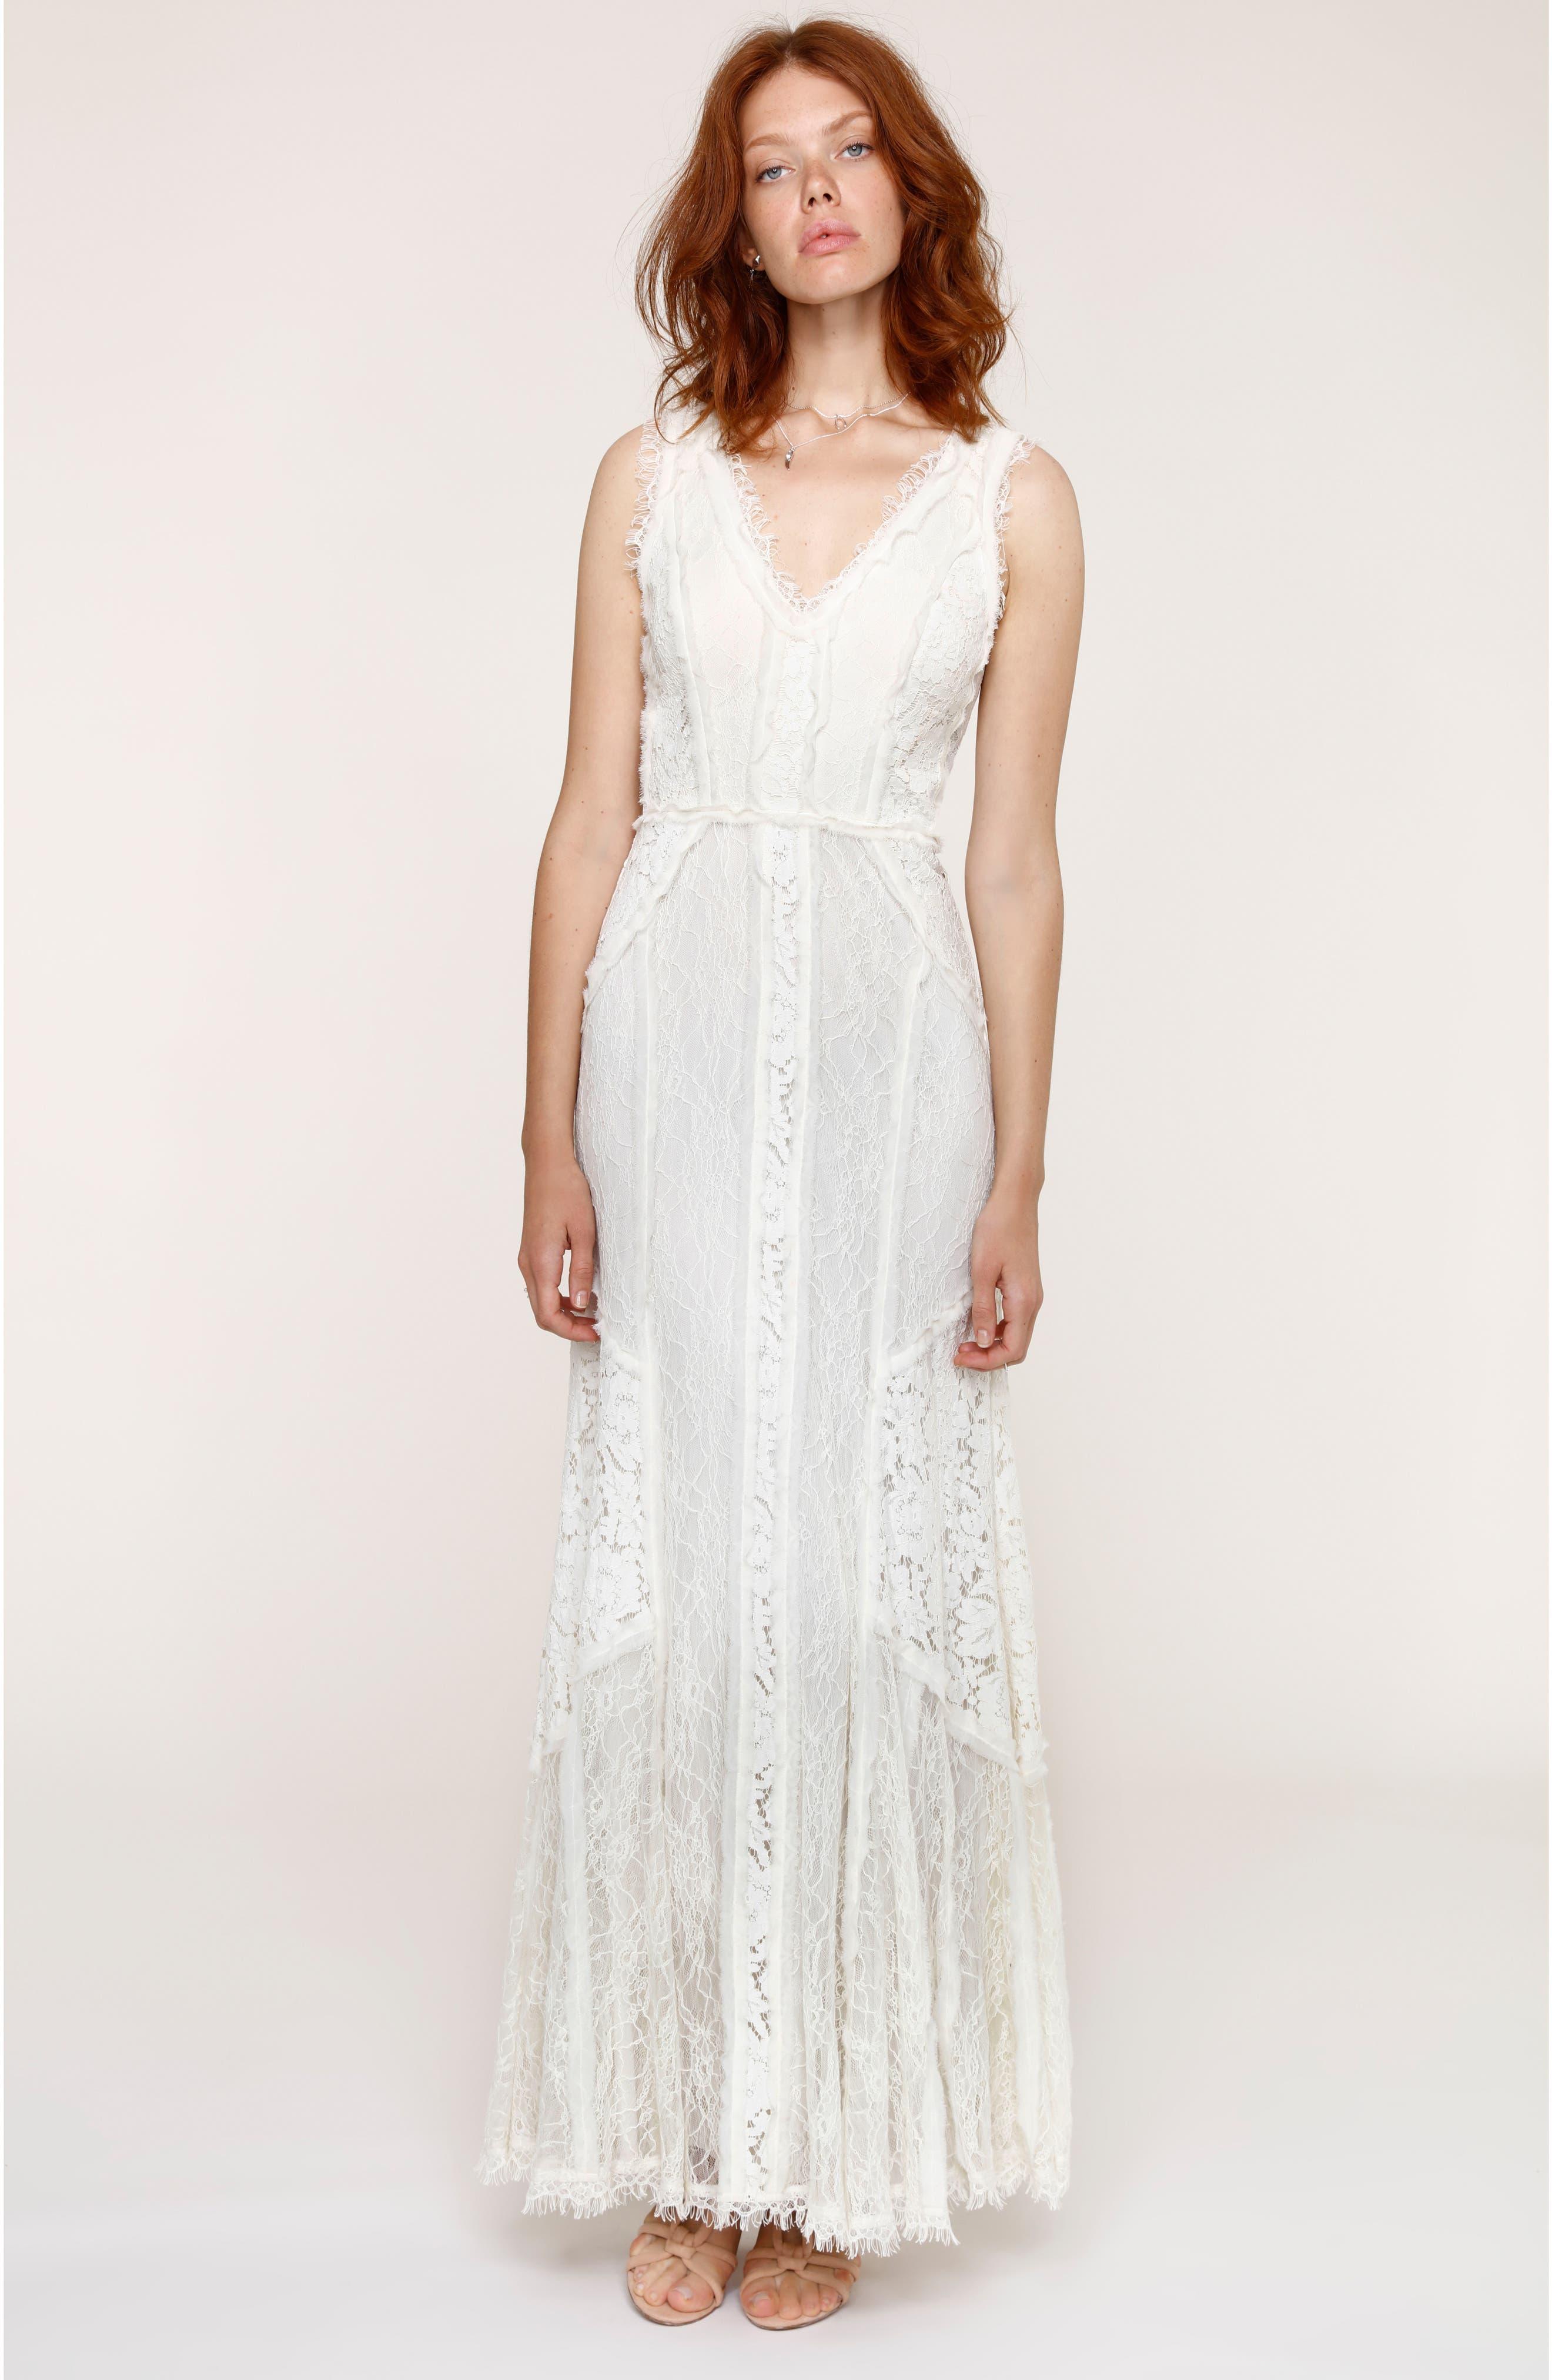 Felix Cutout Back Lace Fit & Flare Dress,                             Alternate thumbnail 4, color,                             101